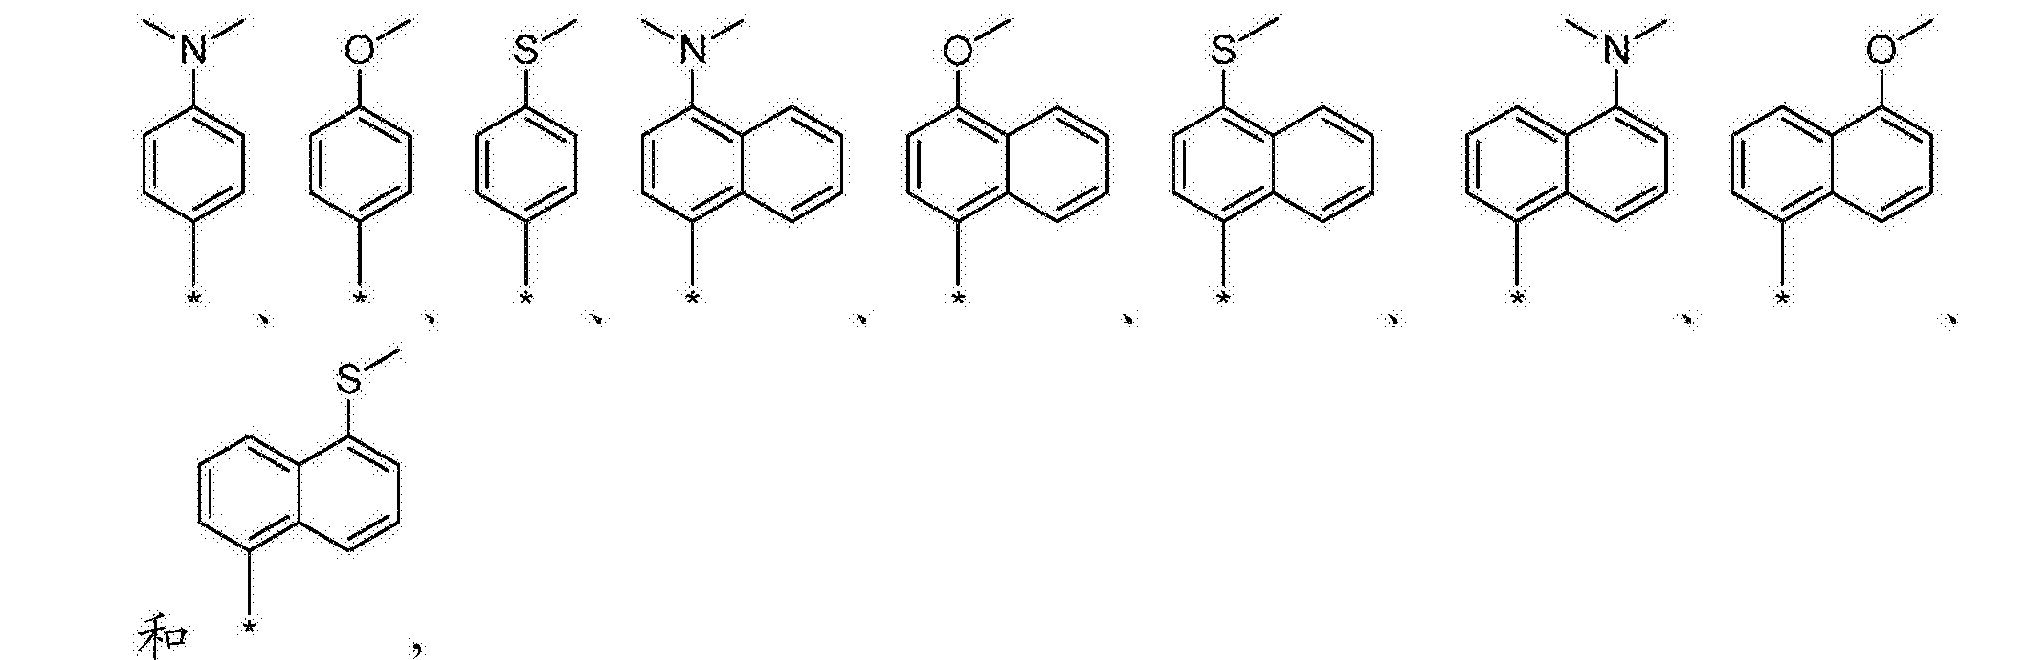 Figure CN105636998BD00151